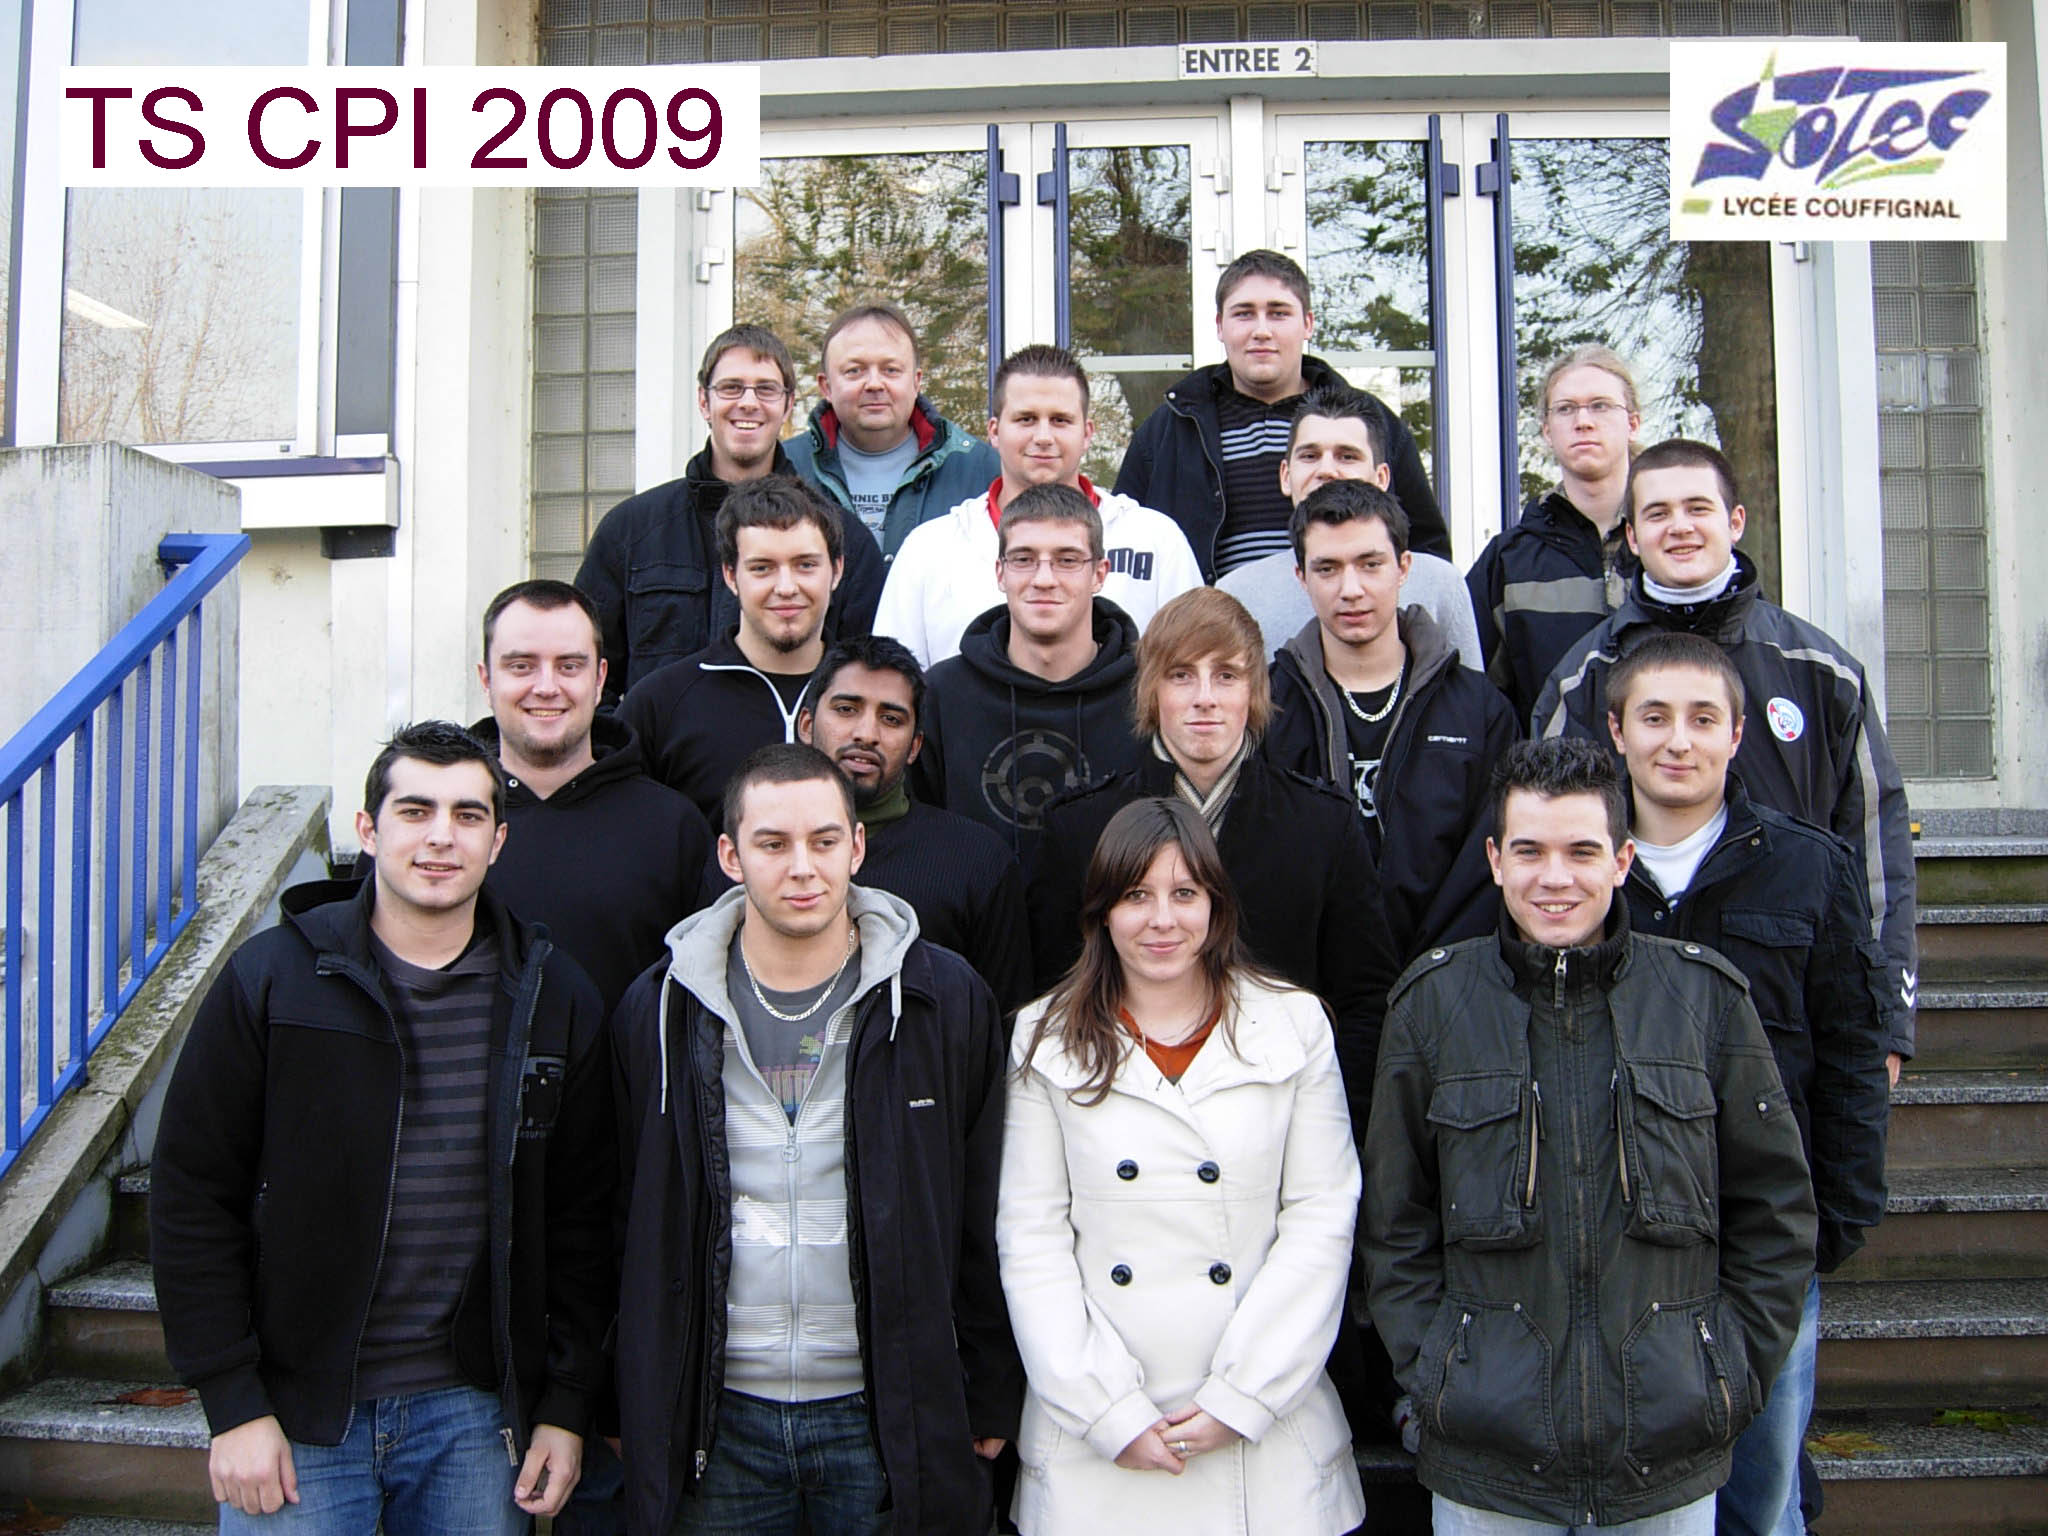 TS_CPI.jpg